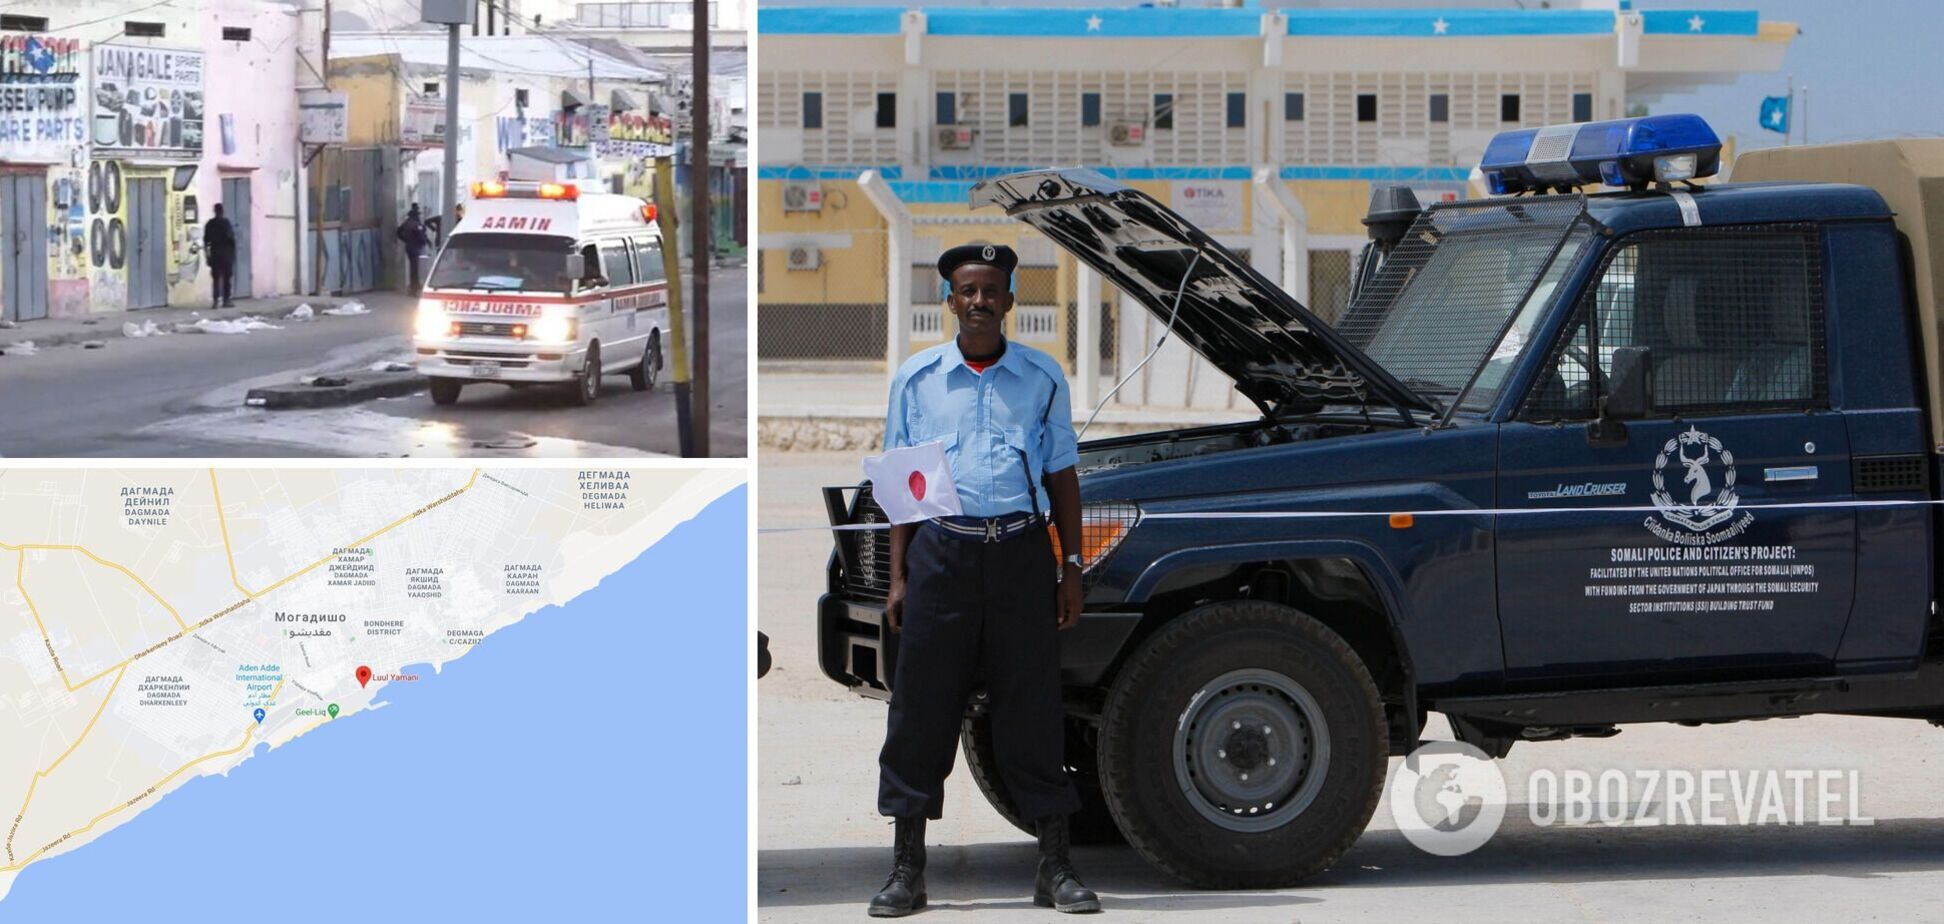 У Сомалі підірвали ресторан, загинули 20 осіб і 30 отримали поранення. Відео